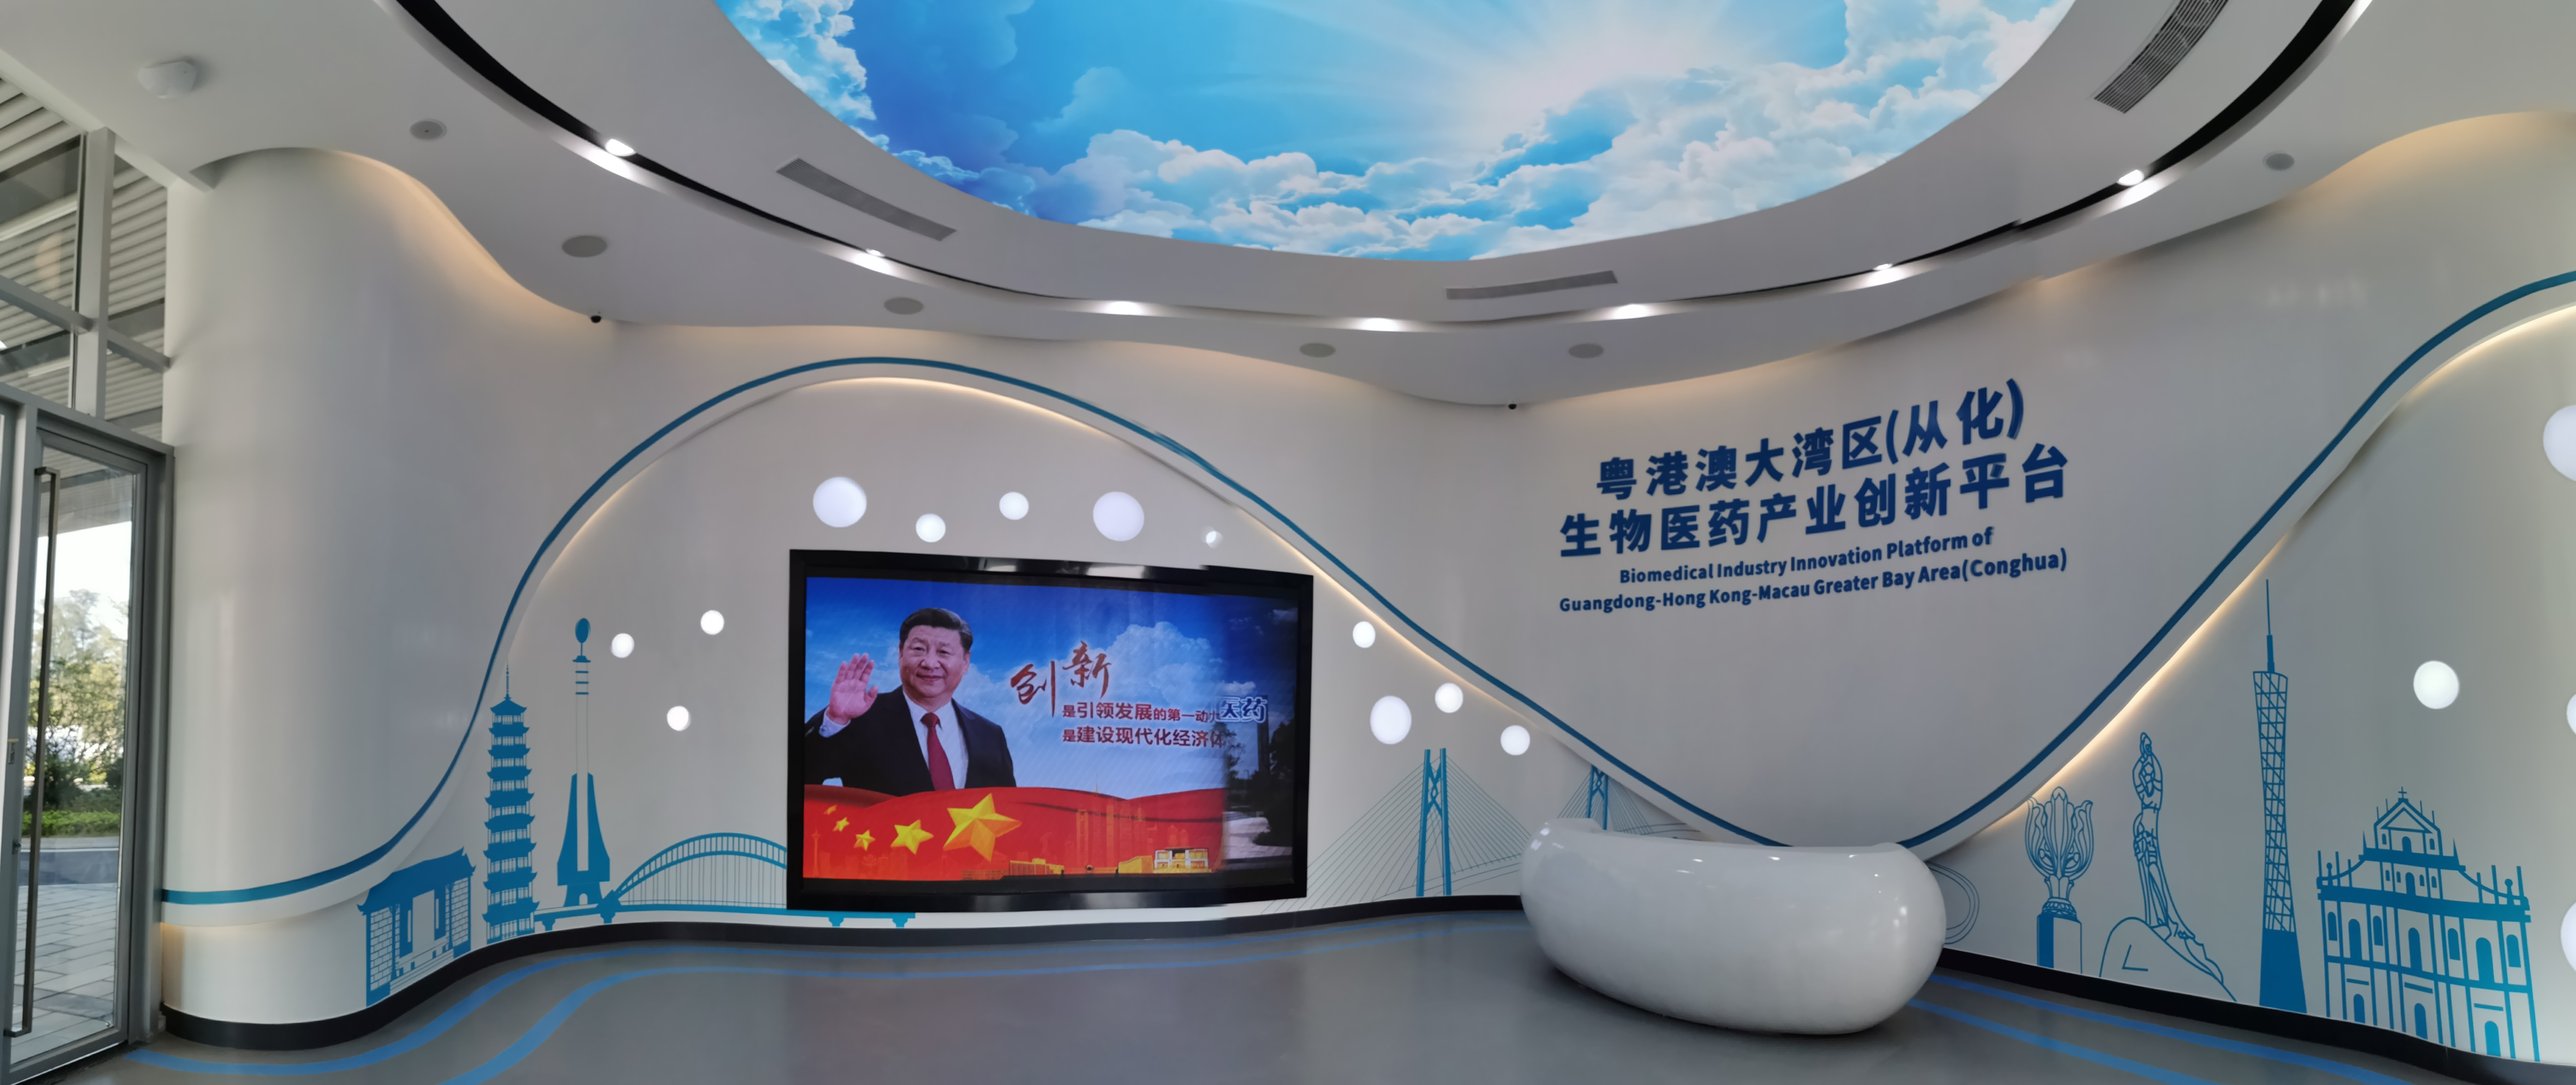 粤港澳大湾区(从化)生物医药产业创新平台-2